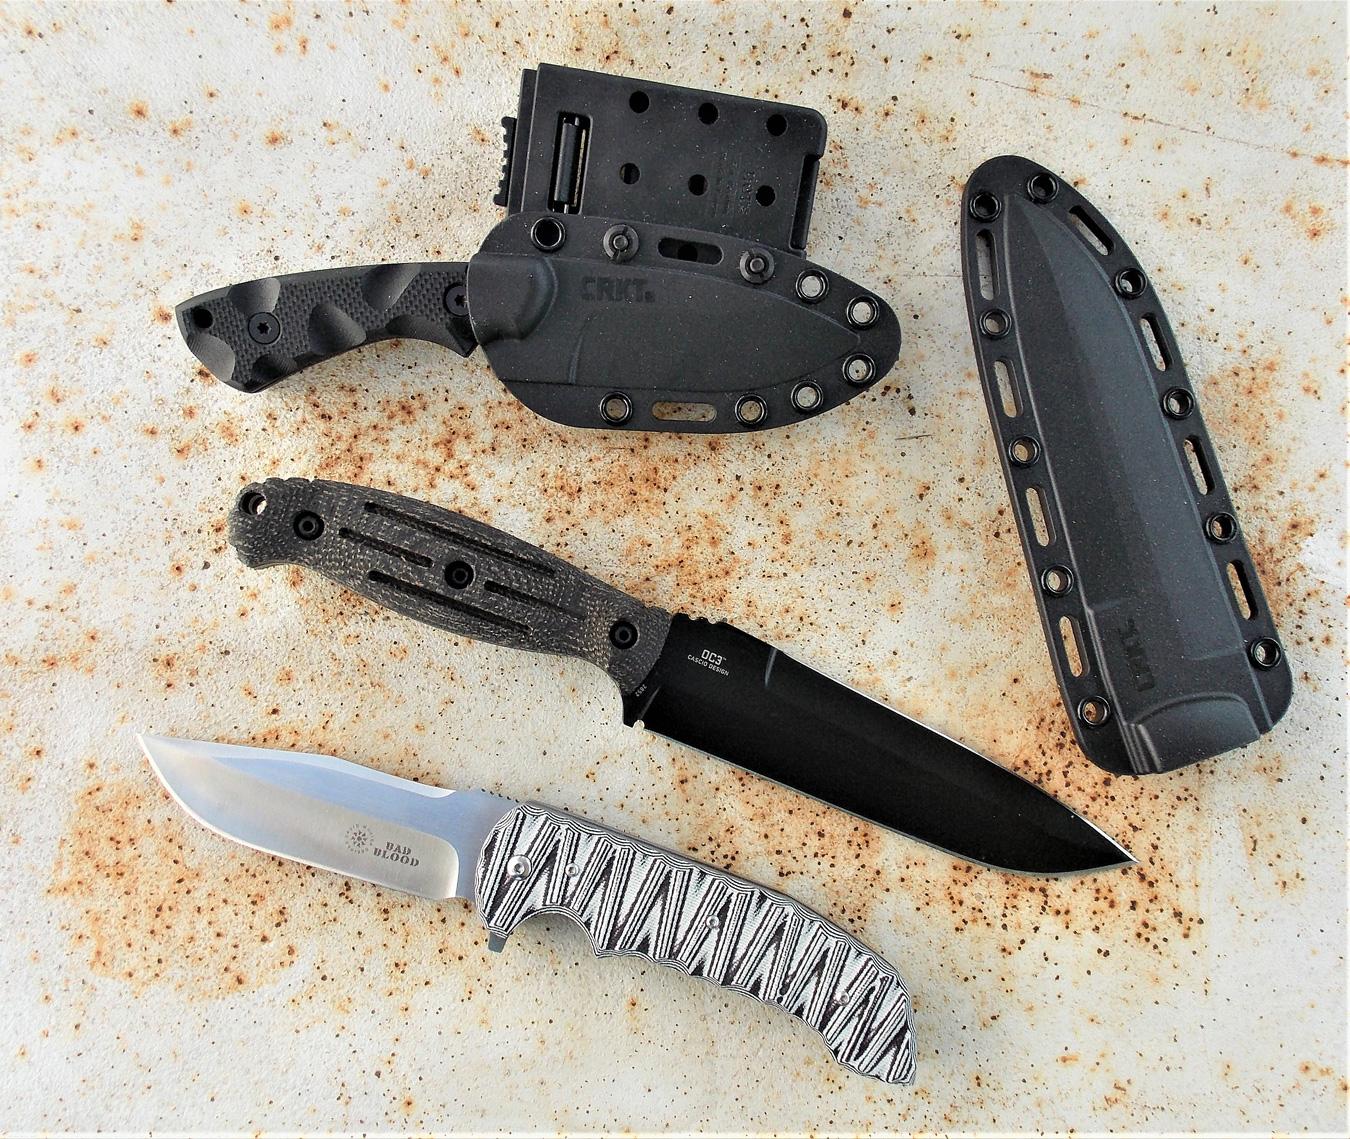 CRKT tactical knives